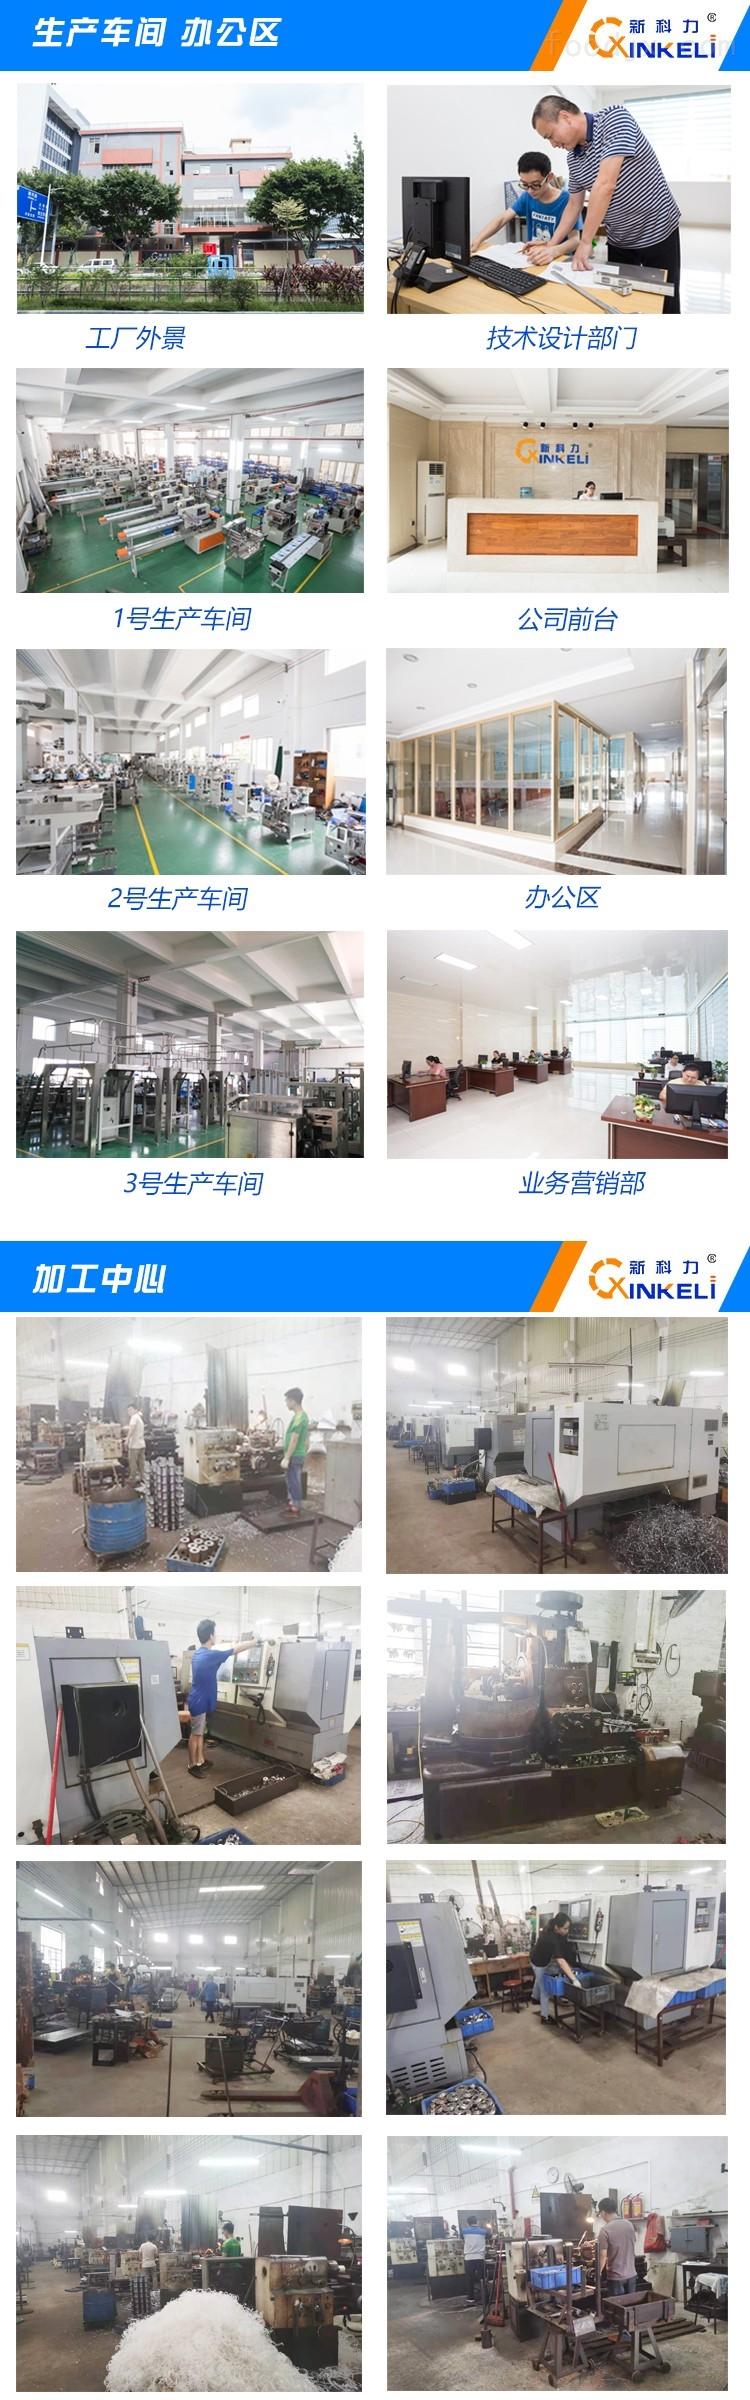 车间和加工车间的图片.jpg